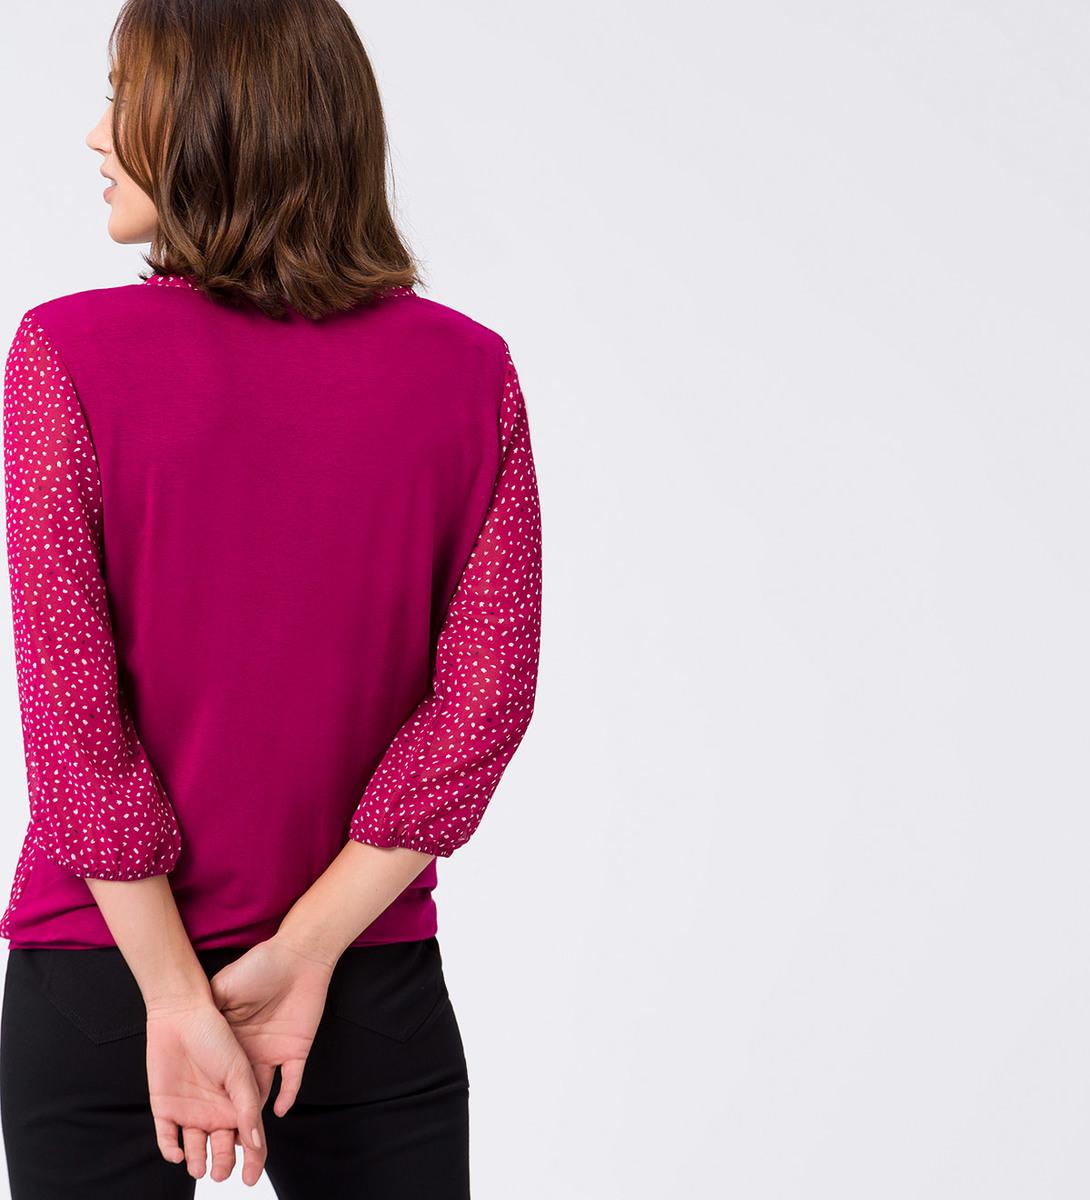 Bluse mit transparenten Ärmeln in dark magenta